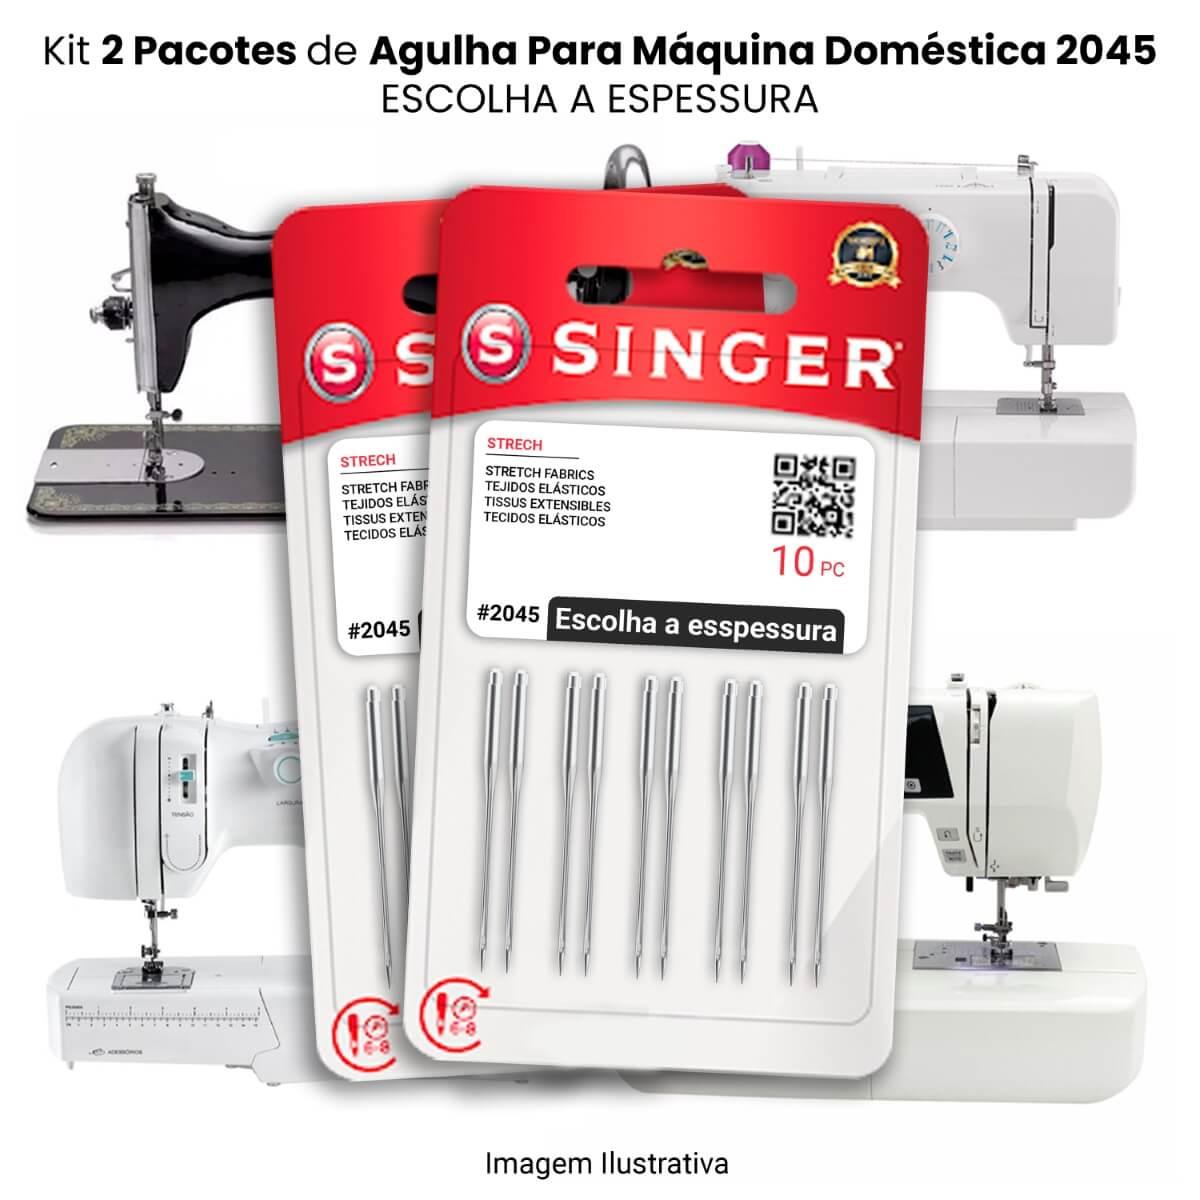 Agulha Singer Para Máquina de Costura Domestica 2045 130/705 (KIT Com 2 Pacotes)  - Pavvia Agulhas e Peças